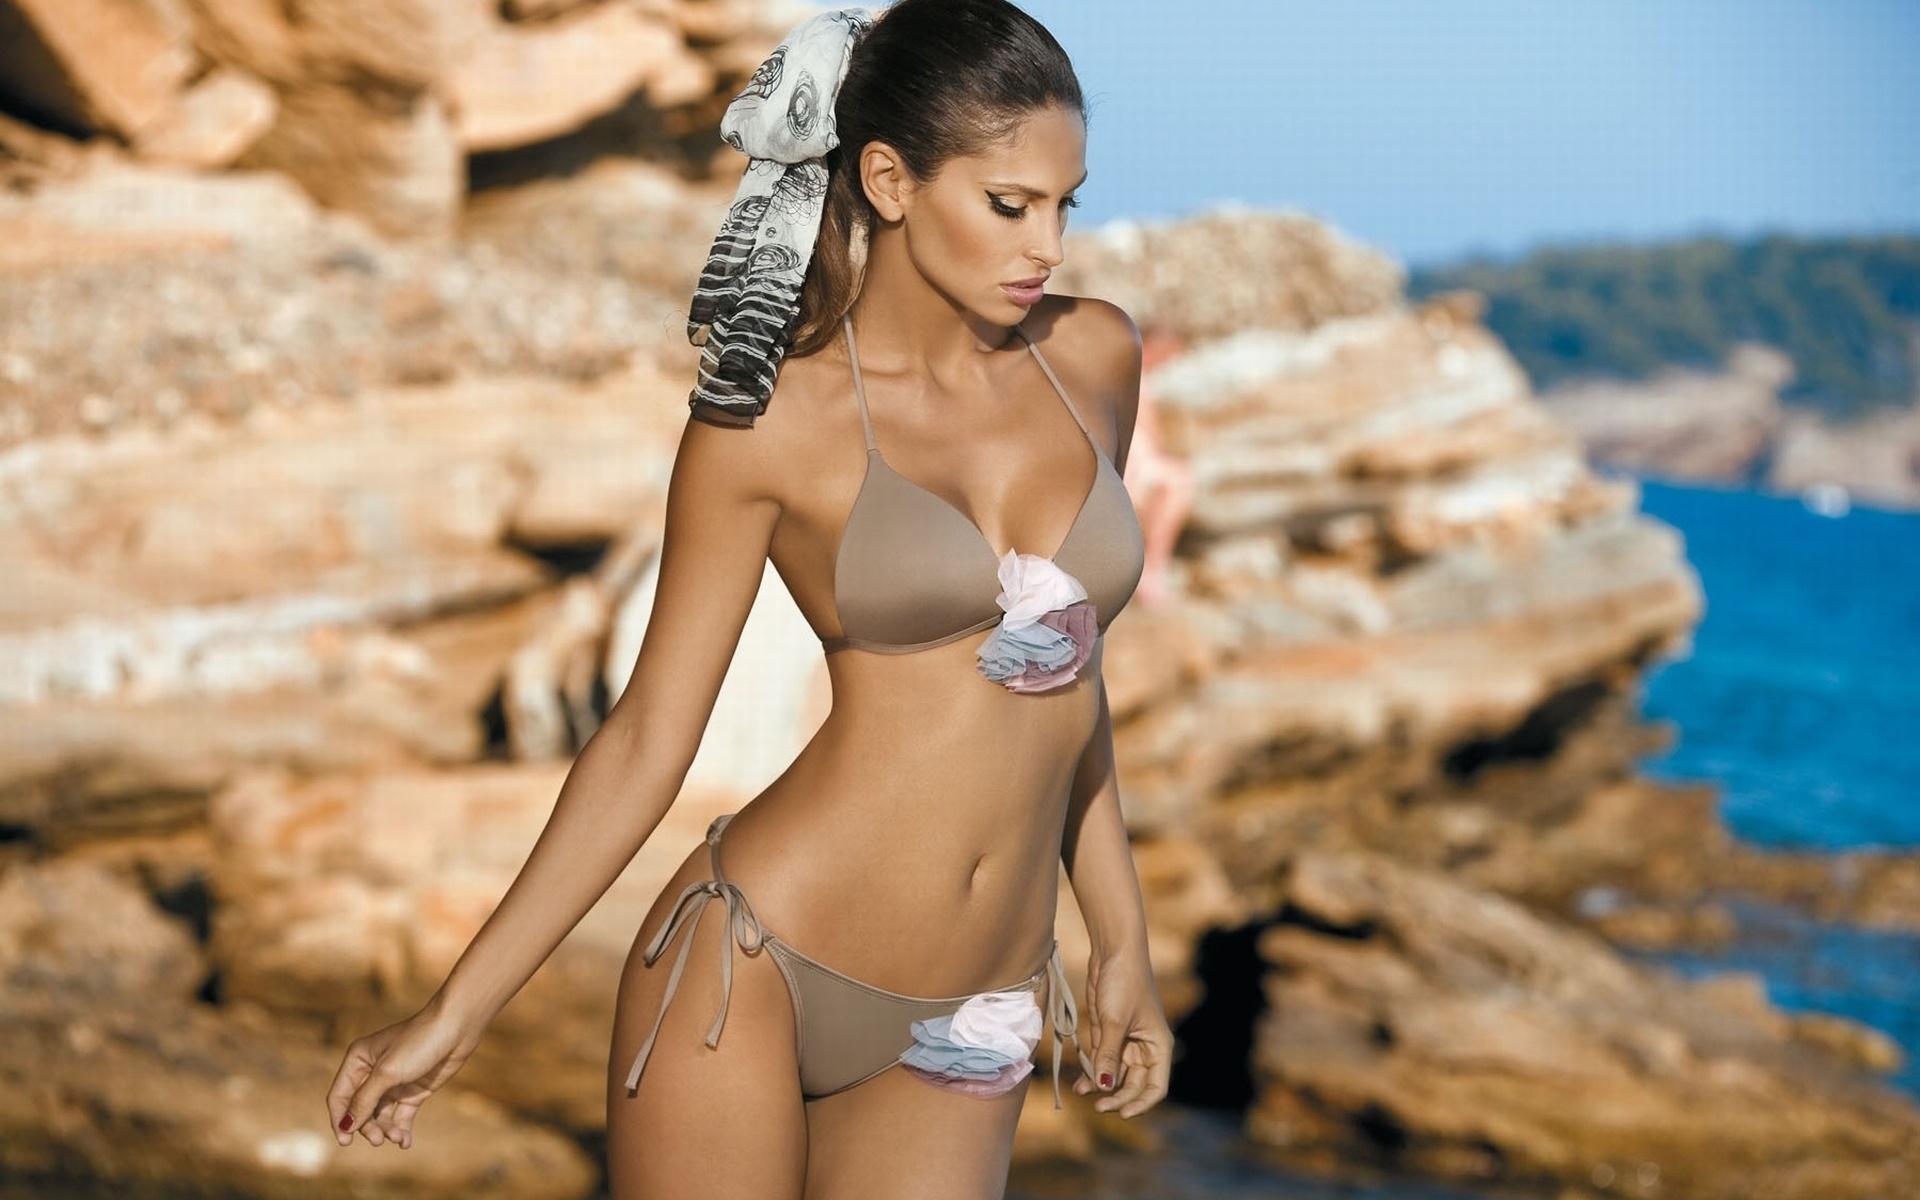 Красивые девушки мира фото в купальниках